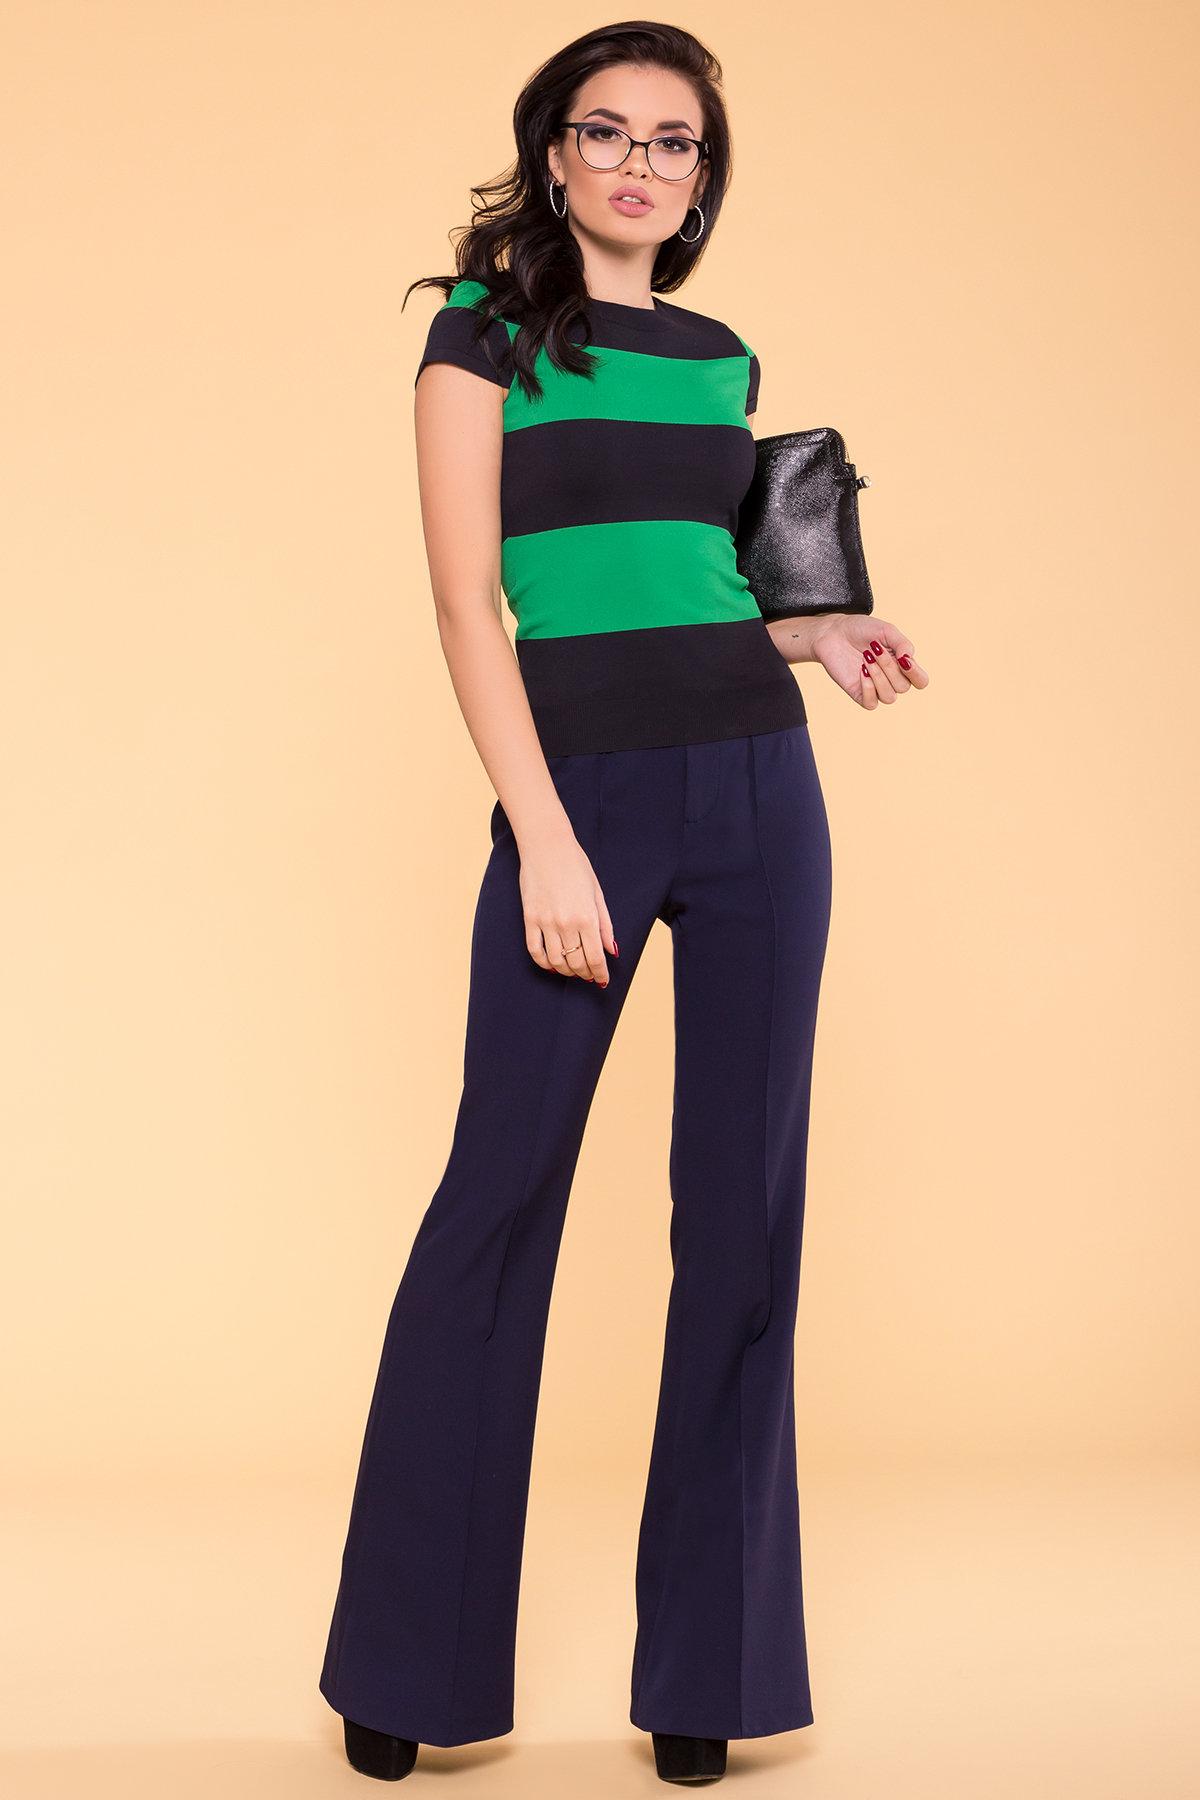 недорогие женские брюки Брюки клеш Лакруа 3289